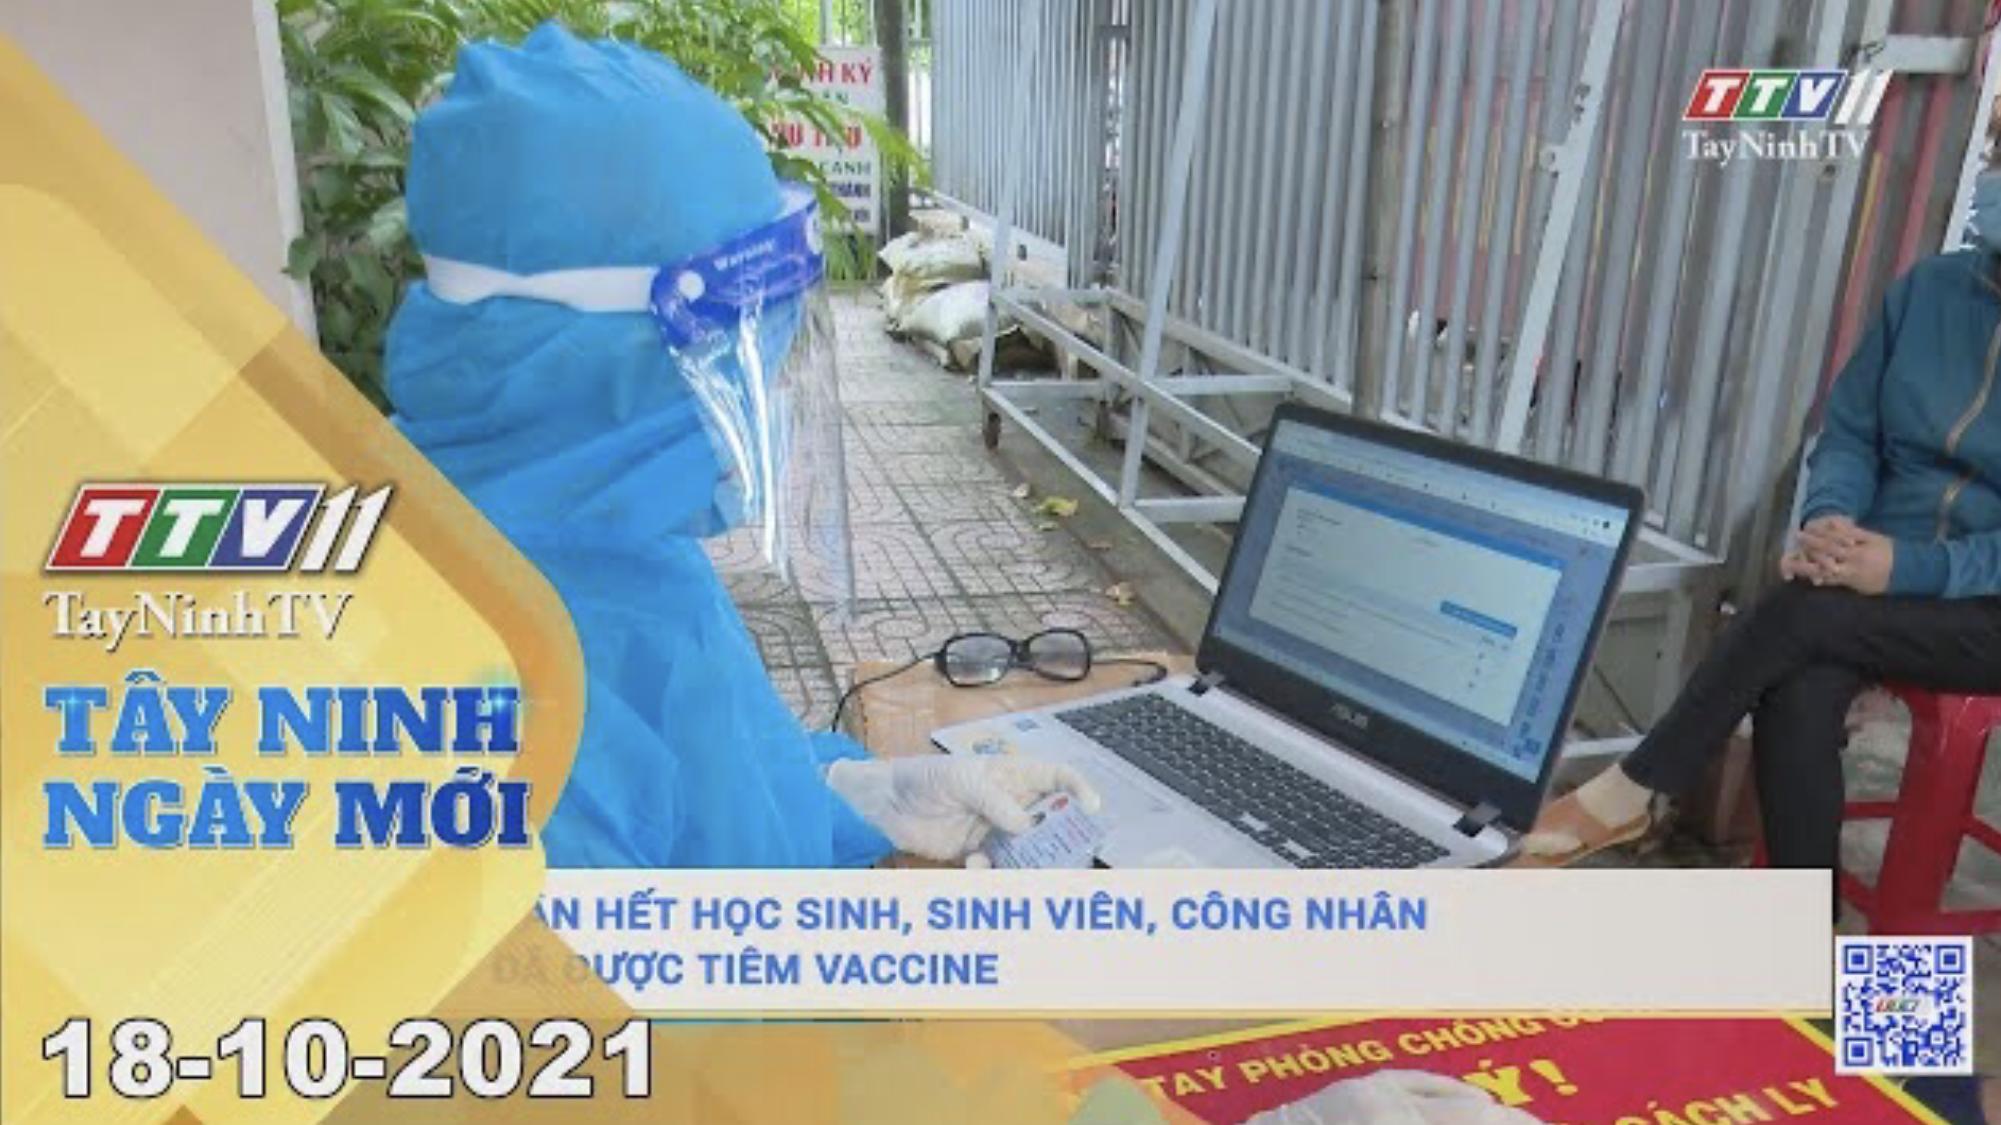 TÂY NINH NGÀY MỚI 18/10/2021 | Tin tức hôm nay | TayNinhTV